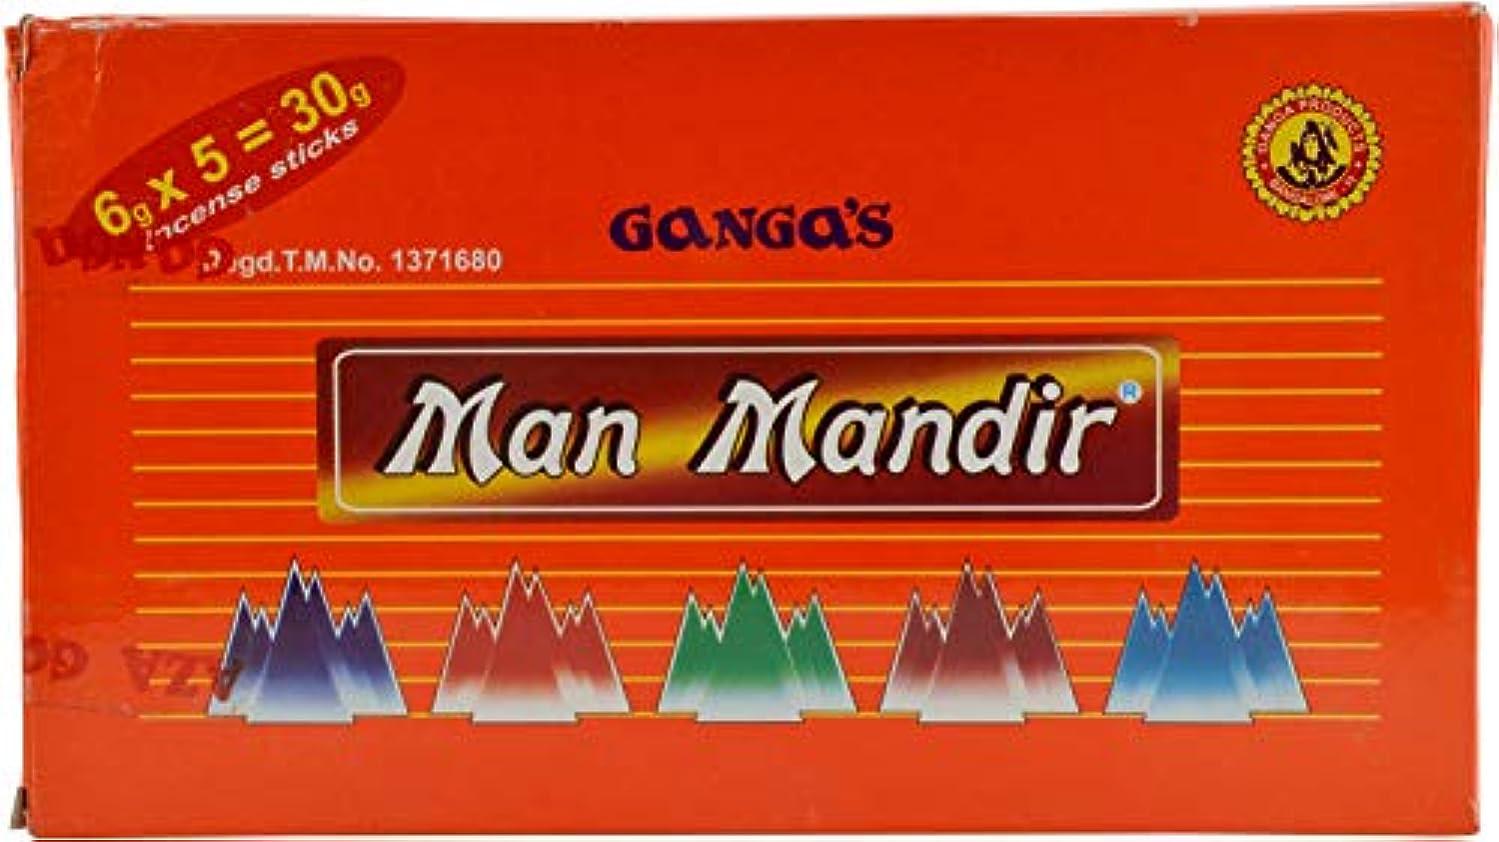 ボートデッキリッチGanga's Man Mandir Bamboo Incense Sticks (11, 25 cms, Black)